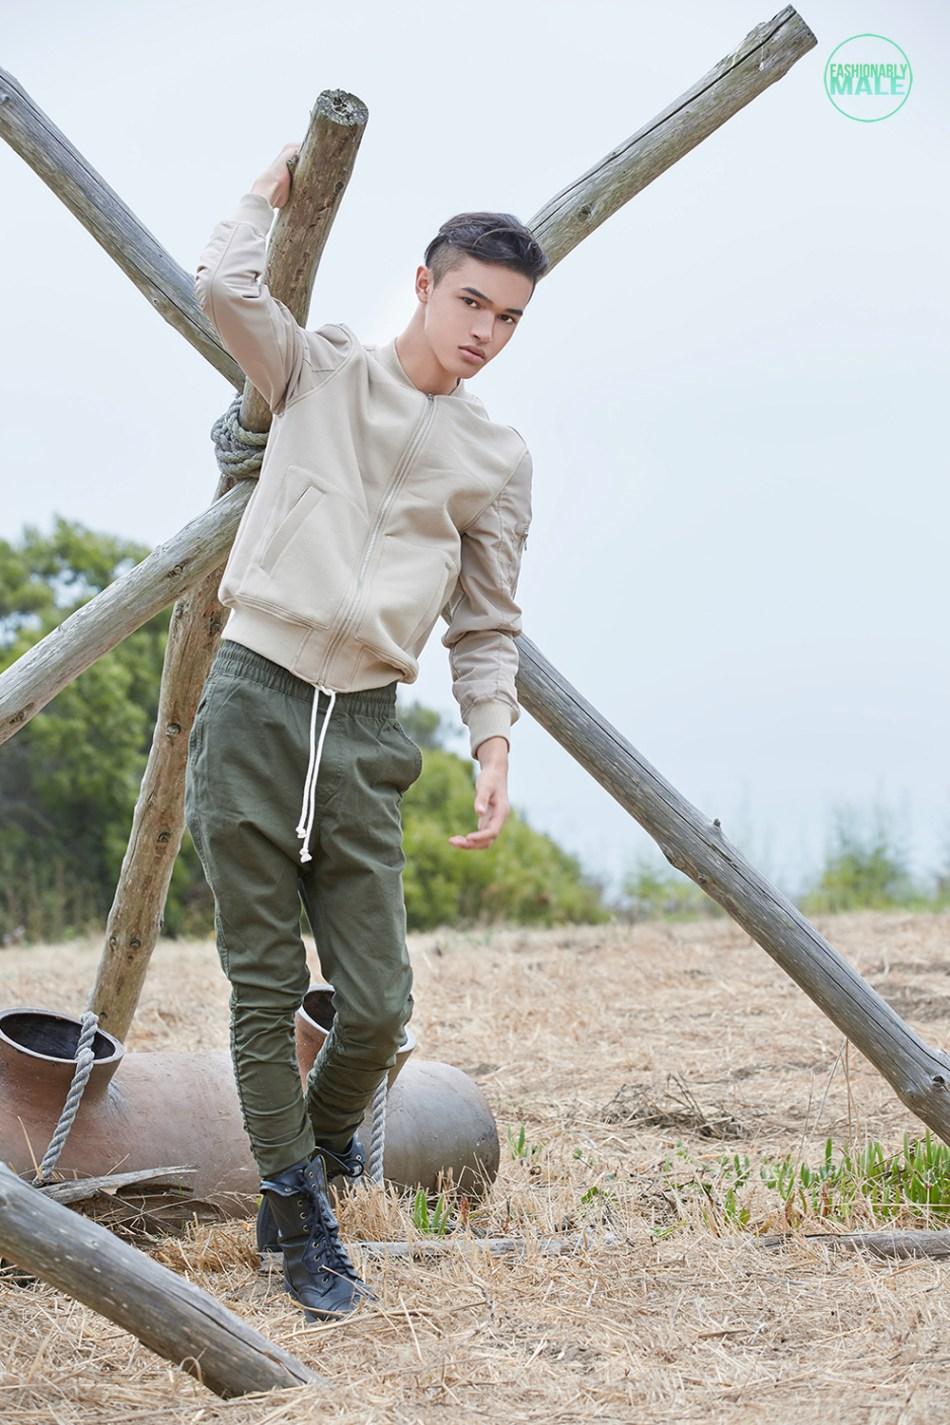 Seth McBride by Donato Di Natale for Fashionably Male4